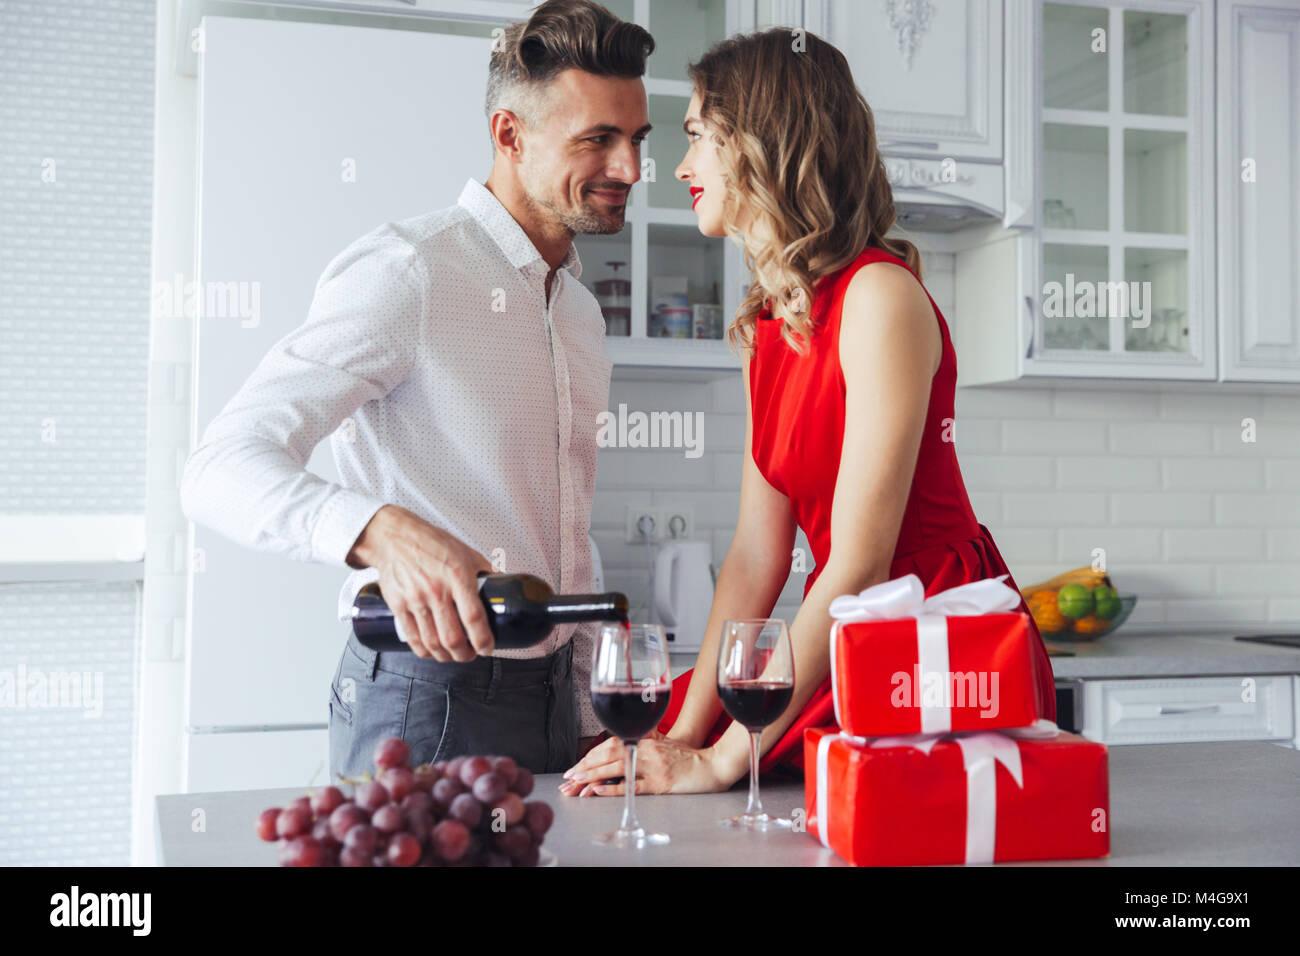 Jeune homme en chemise blanche de verser le vin dans des verres et regardant sa femme magnifique en robe rouge le Photo Stock